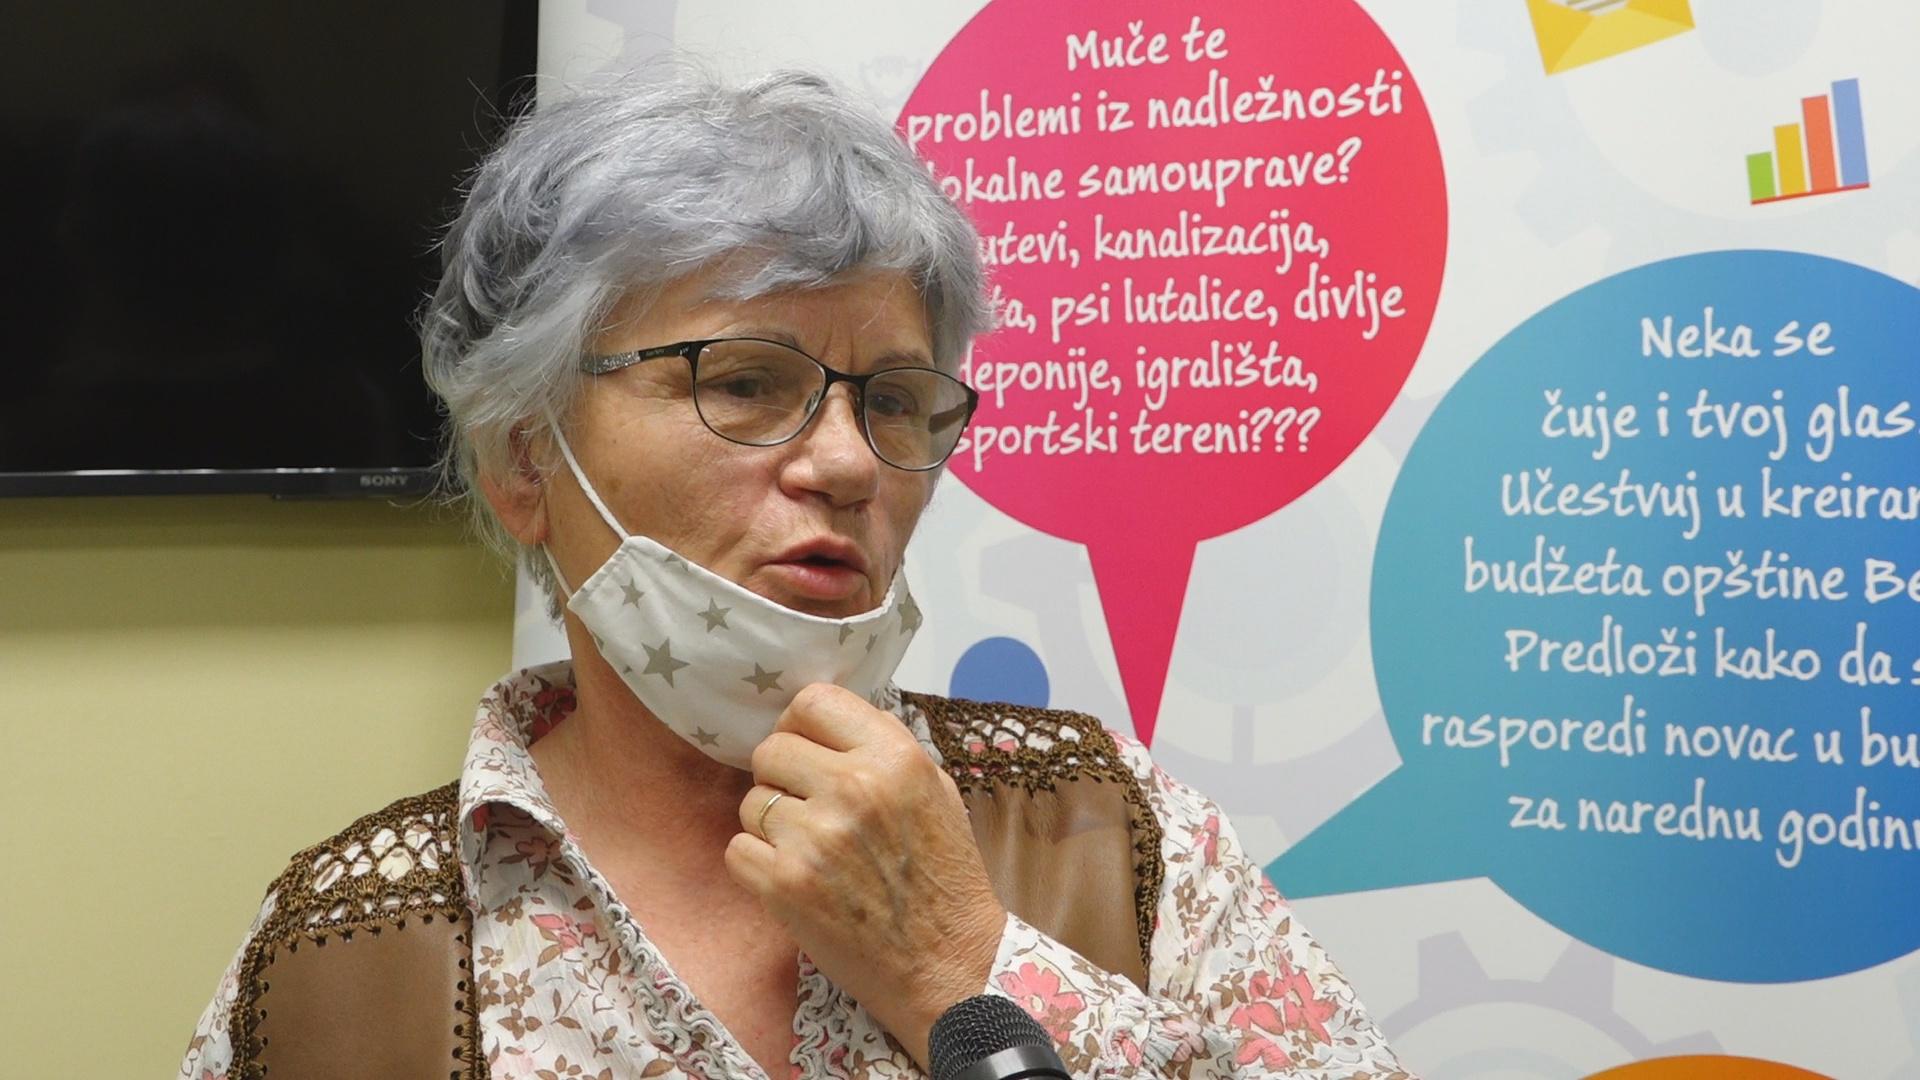 Neophodno uređivanje ulice Rade Stanišića, kaže Milica Gurjanov